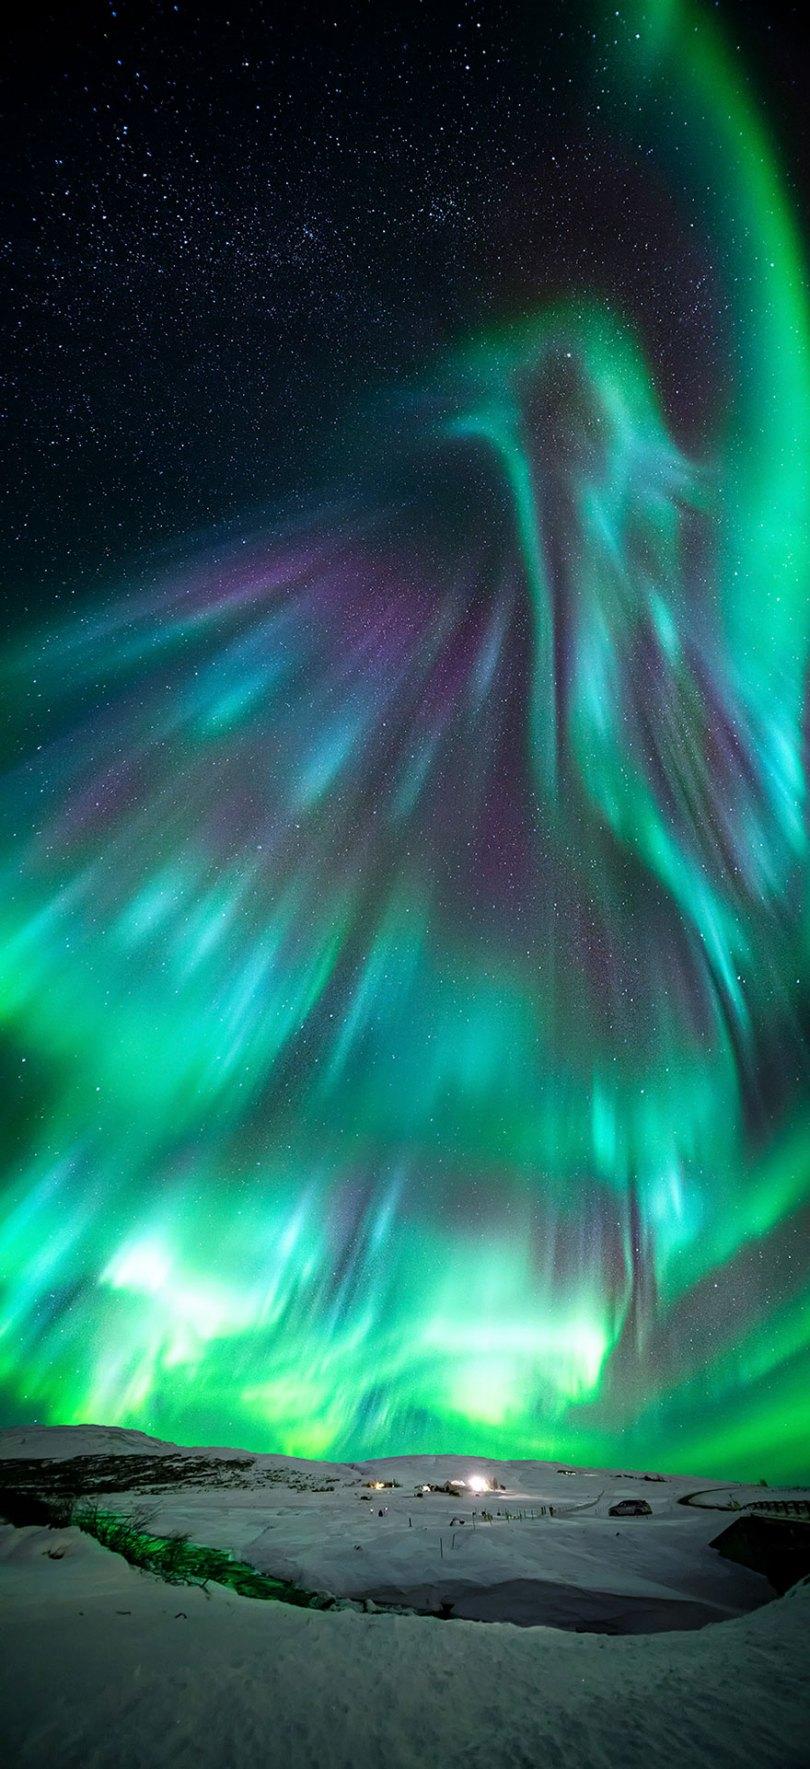 5d832ee67e934 astronomy 28 5d808a8323a9f  880 - Fotos de tirar o fôlego do Concurso Fotografia Astronômica 2019